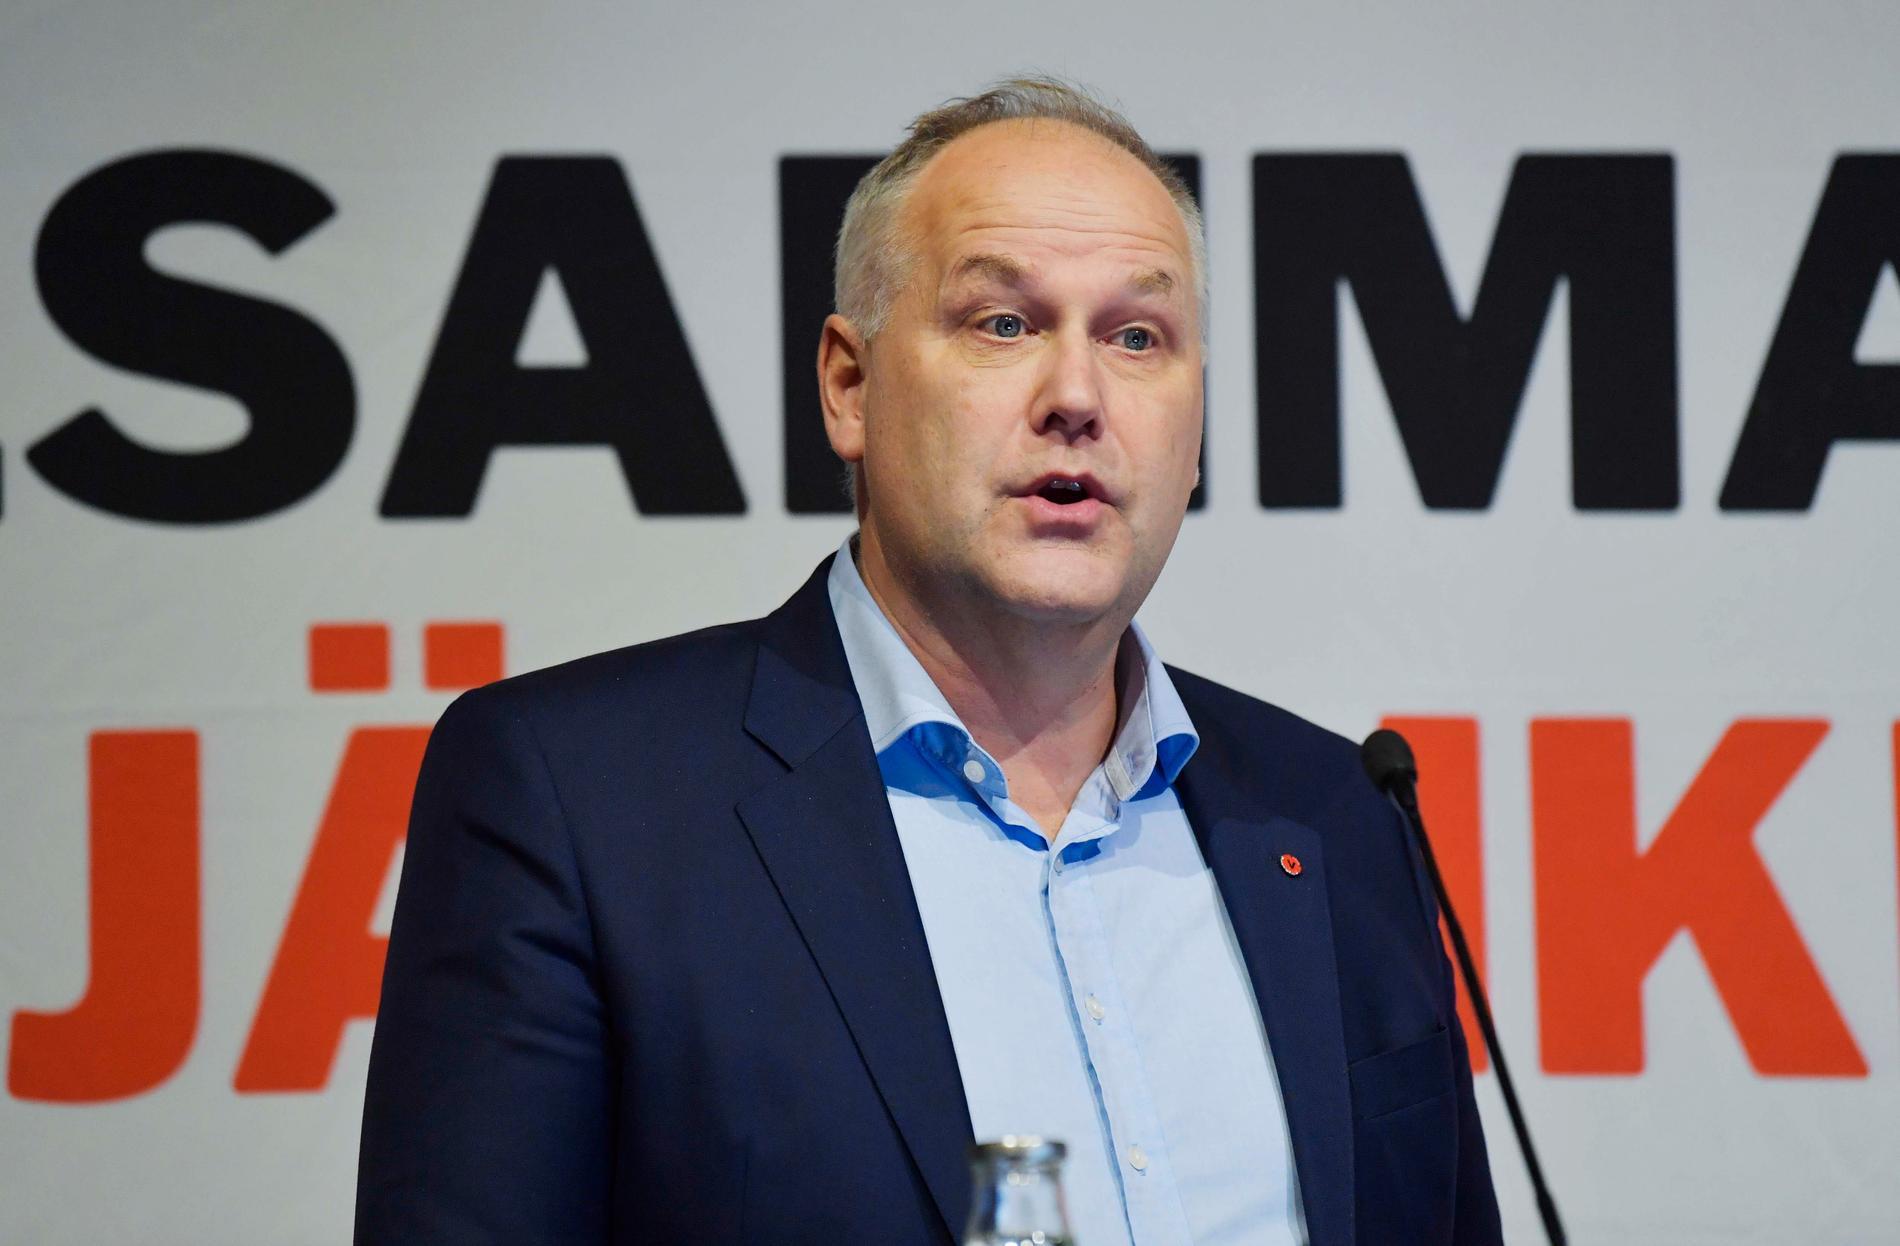 Vänsterpartiets förre partiledare Jonas Sjöstedt är fortfarande aktiv på sitt eget håll.